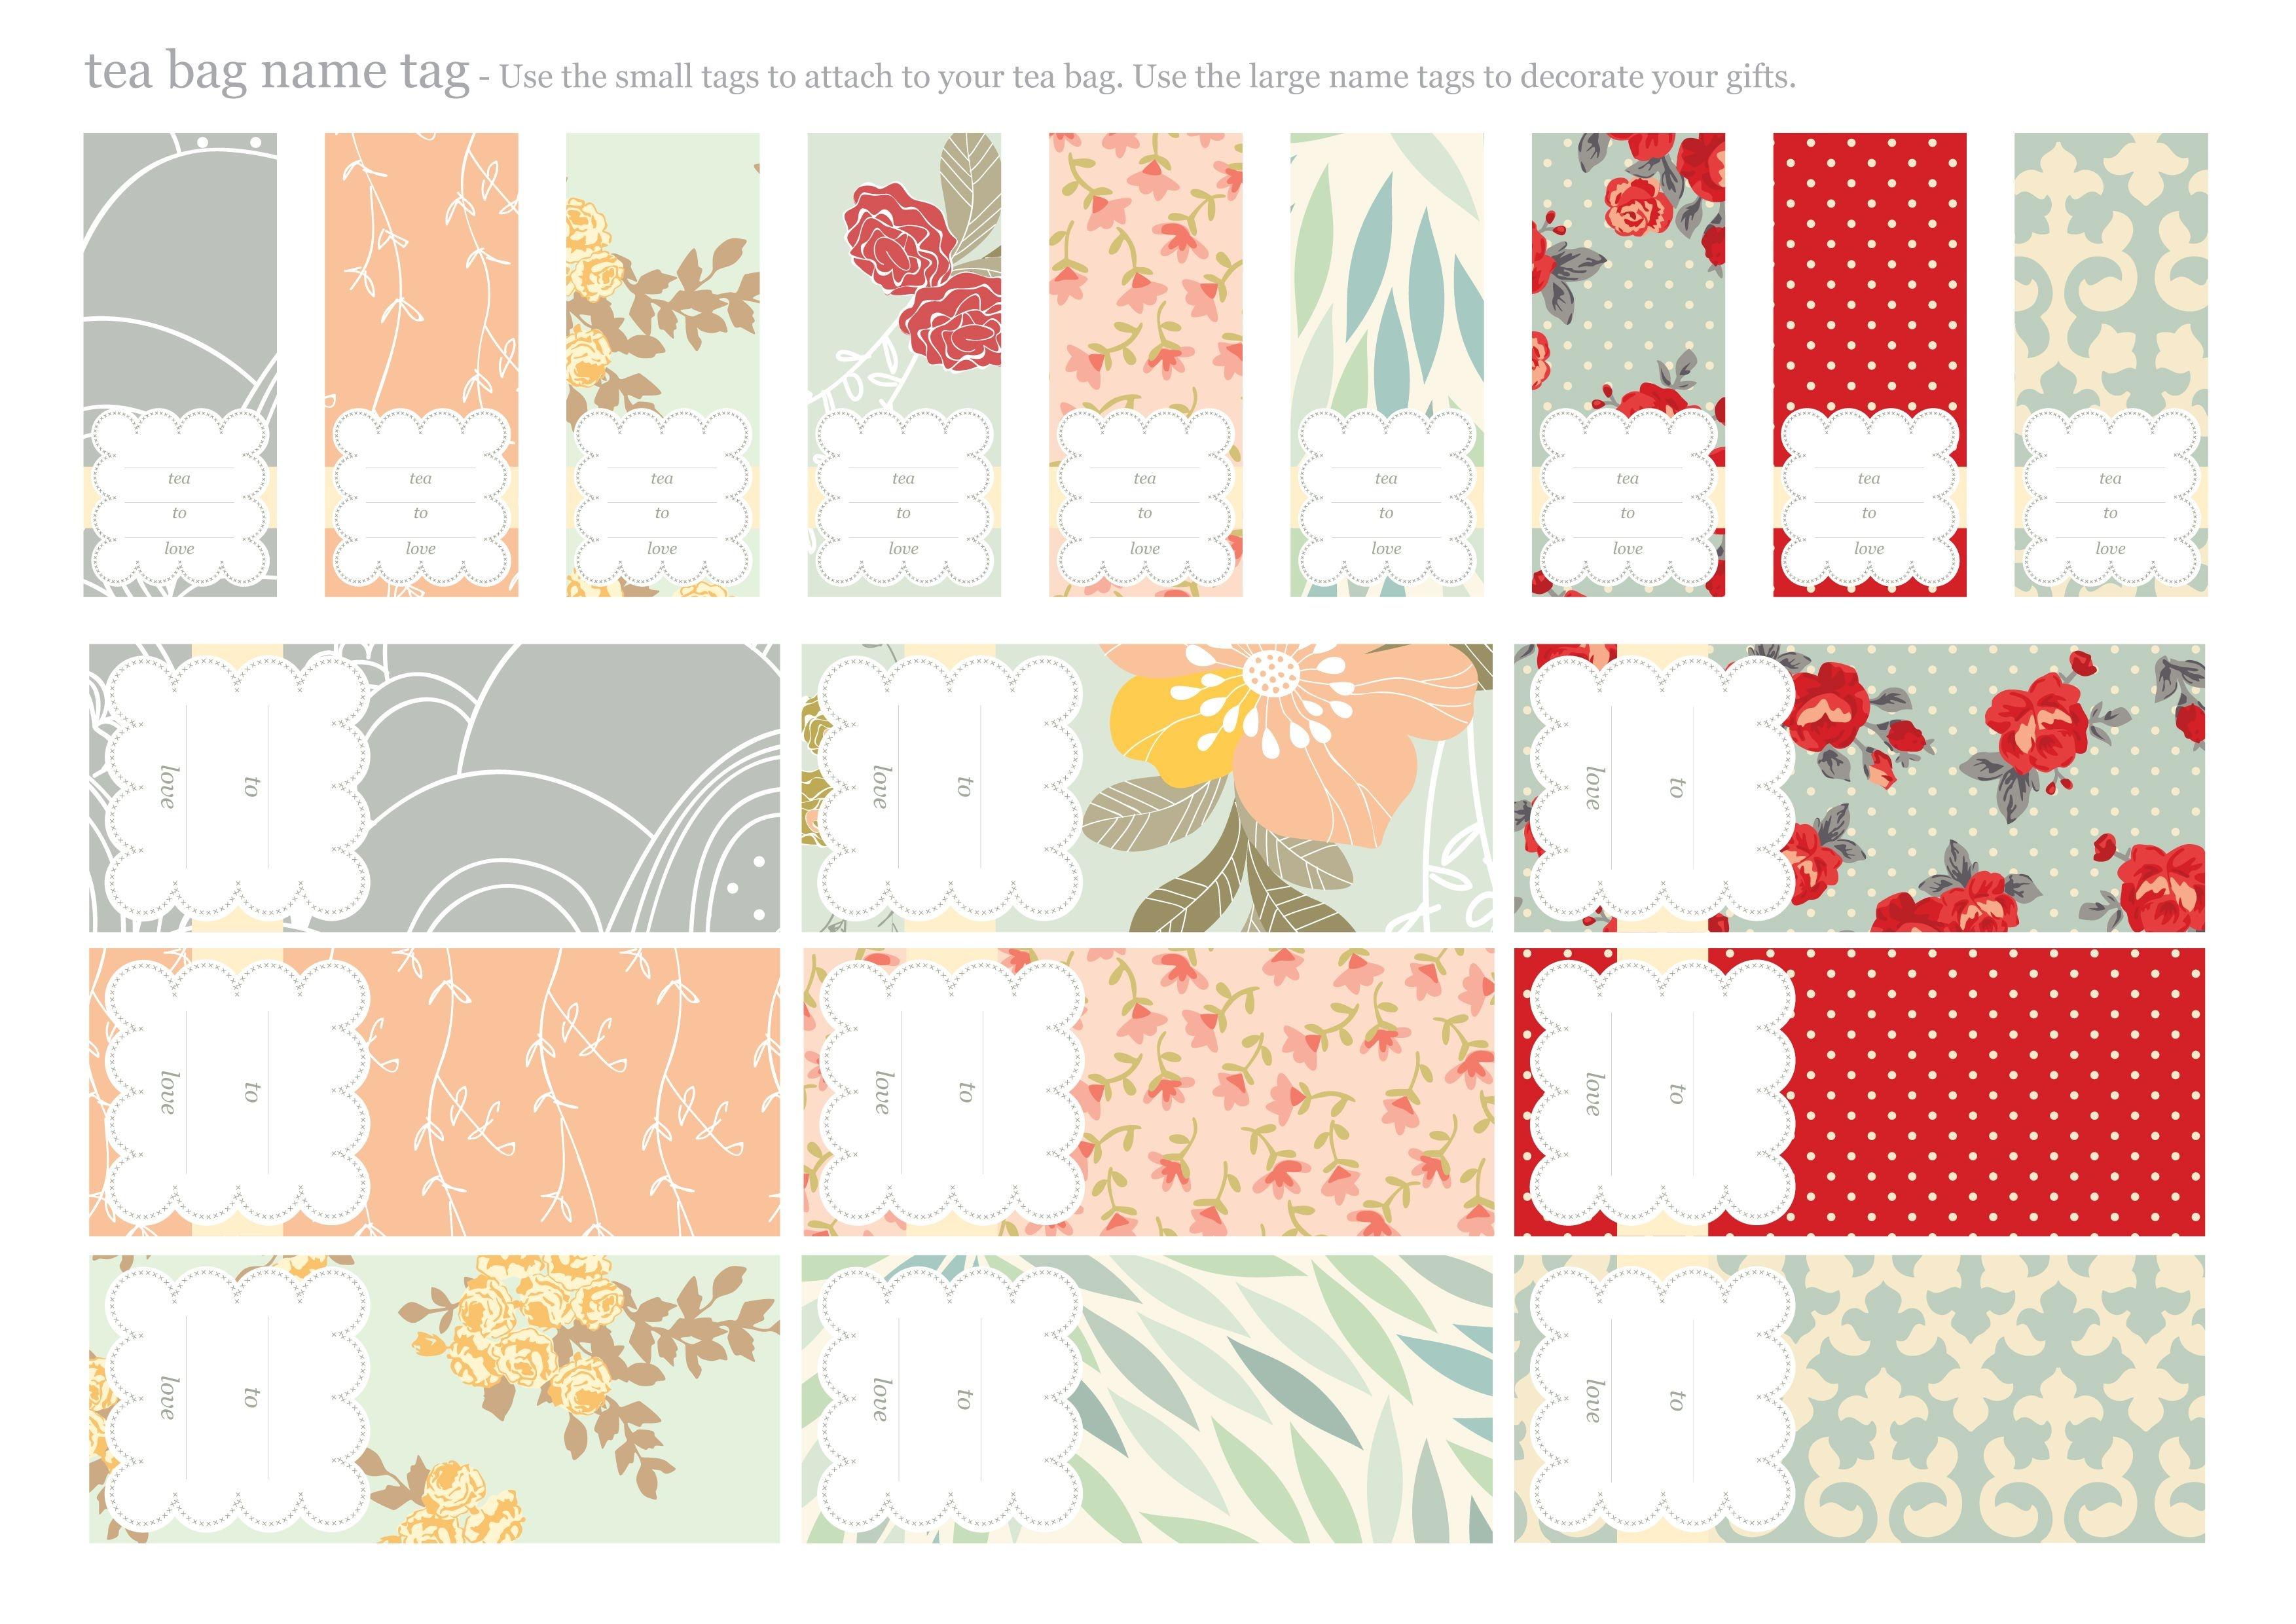 Printable Tea Bags And Matching Name Tags {Envelopes} | Tags | Tea - Free Printable Gift Name Tags